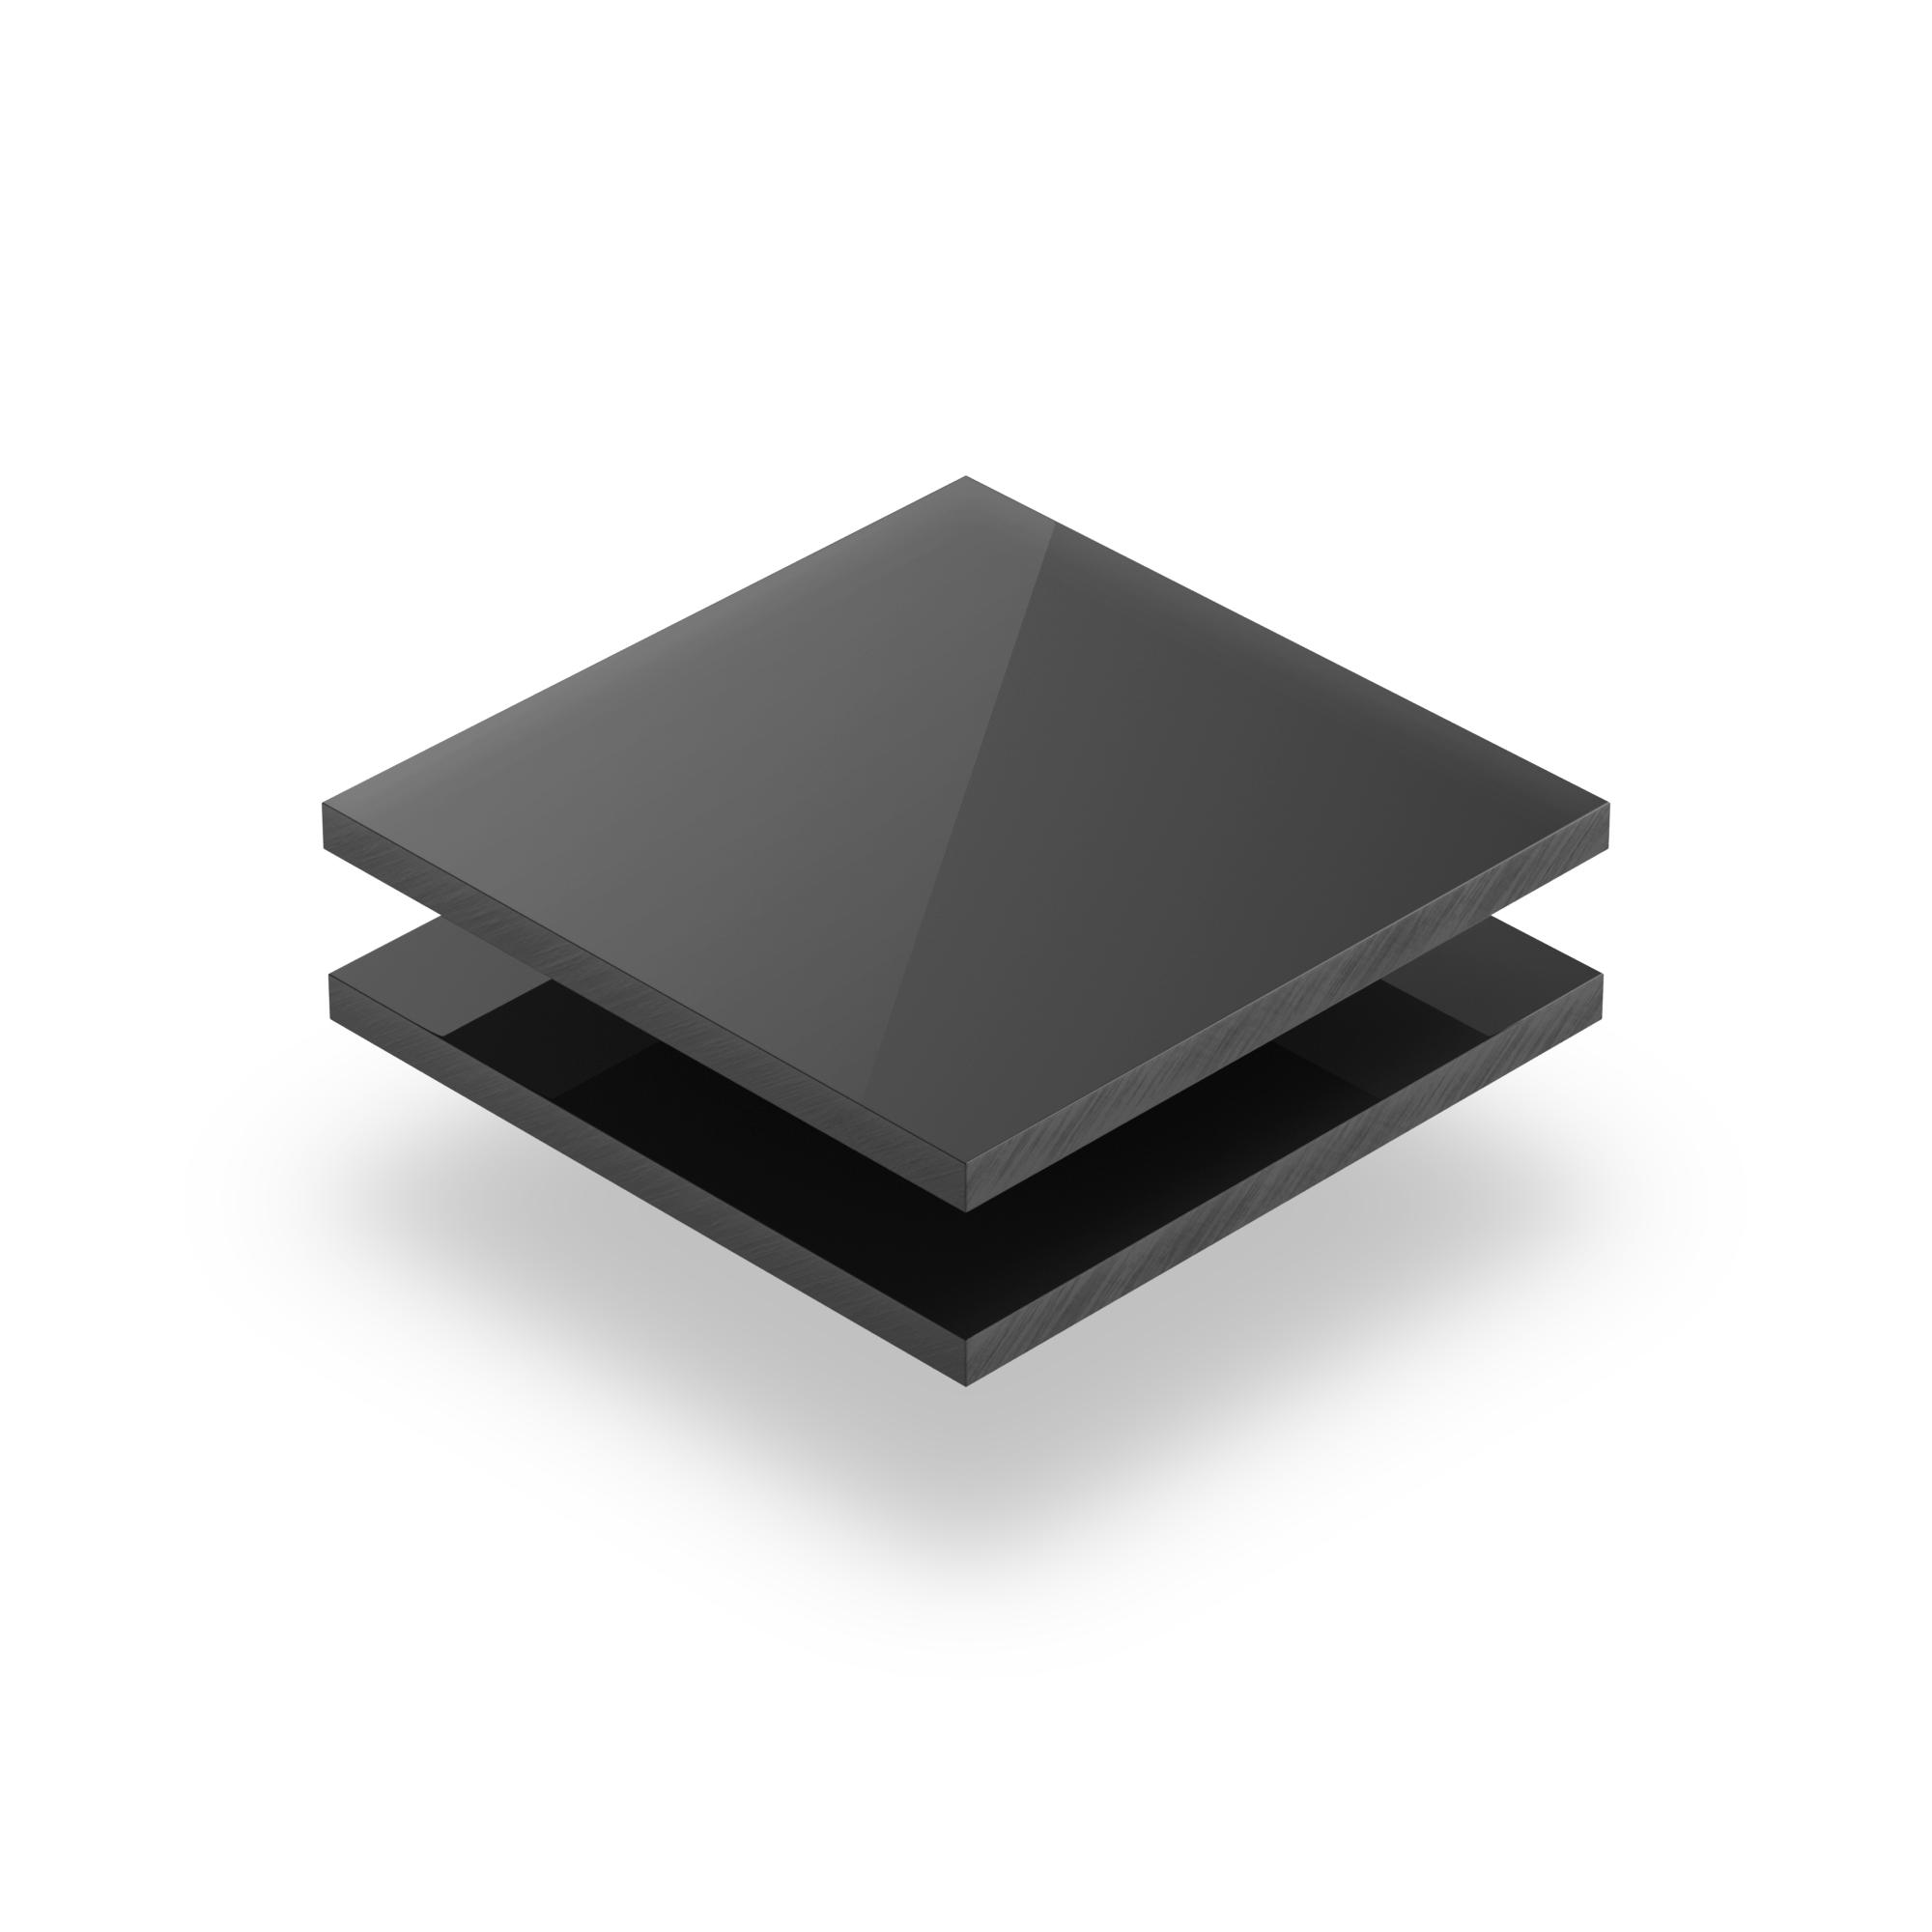 hart pvc platten dunkelgrau 10 mm zuschnitt nach ma. Black Bedroom Furniture Sets. Home Design Ideas